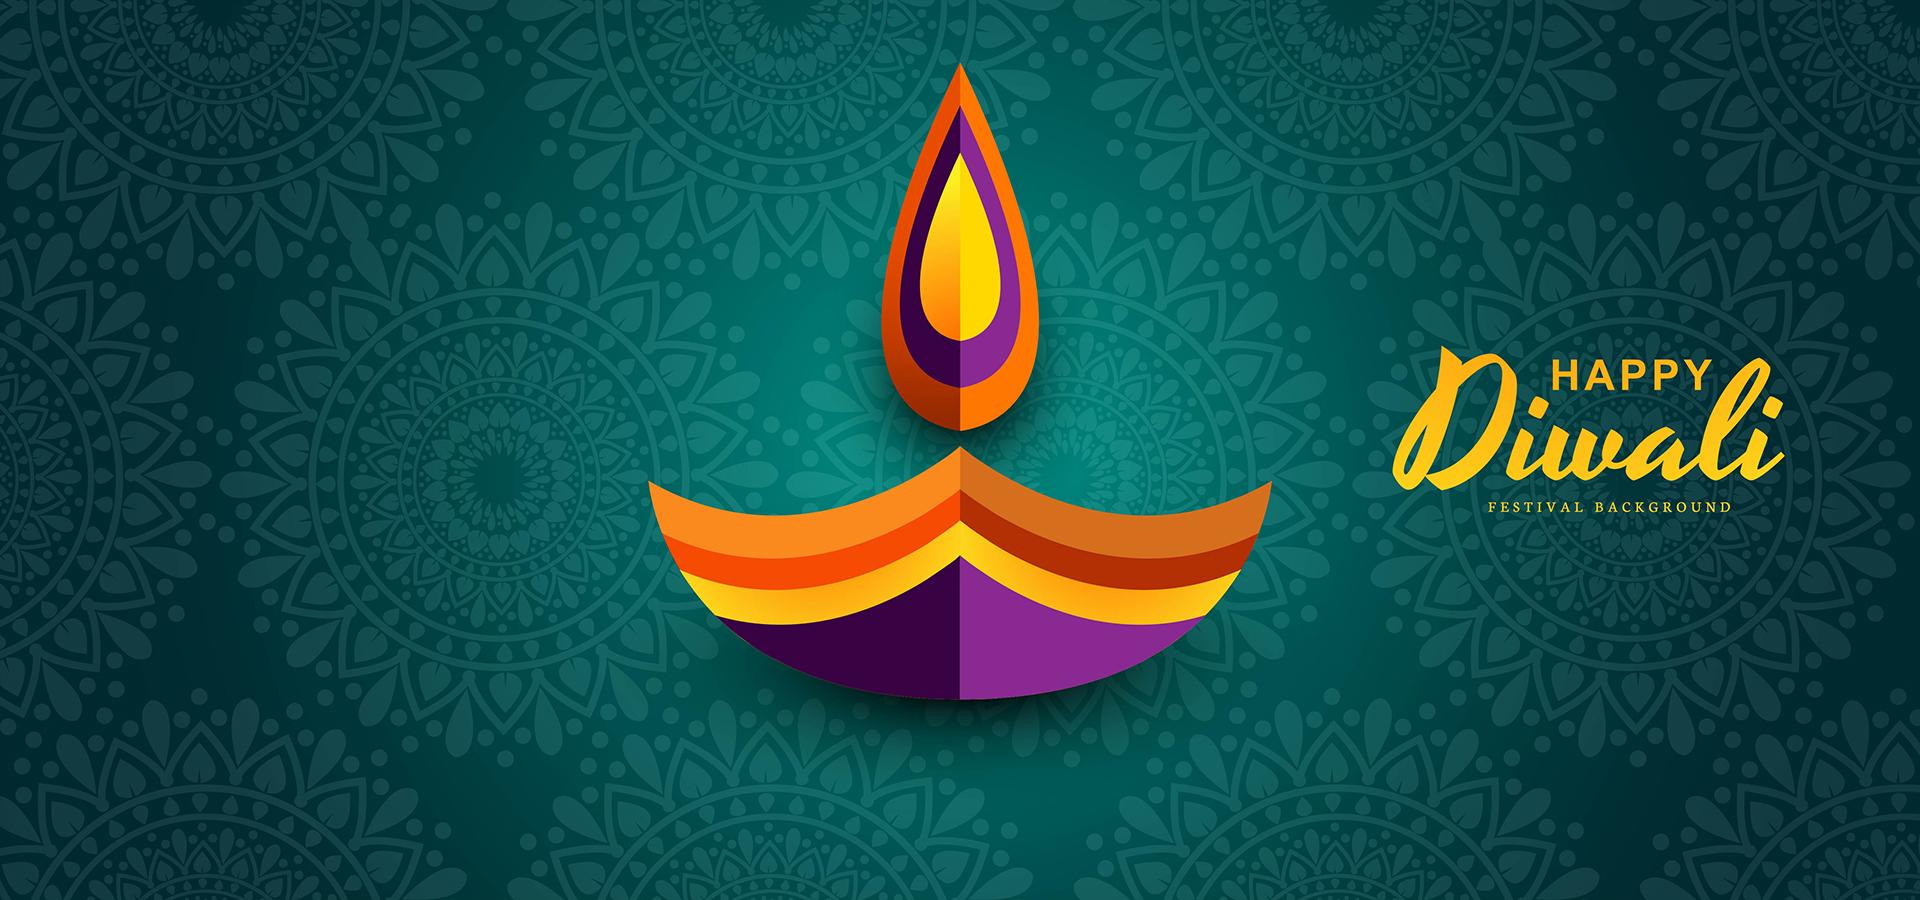 Joyeux Diwali Papier Graphique Du Design De La Lampe A Huile Indian Diya Telecharger Vectoriel Gratuit Clipart Graphique Vecteur Dessins Et Pictogramme Gratuit